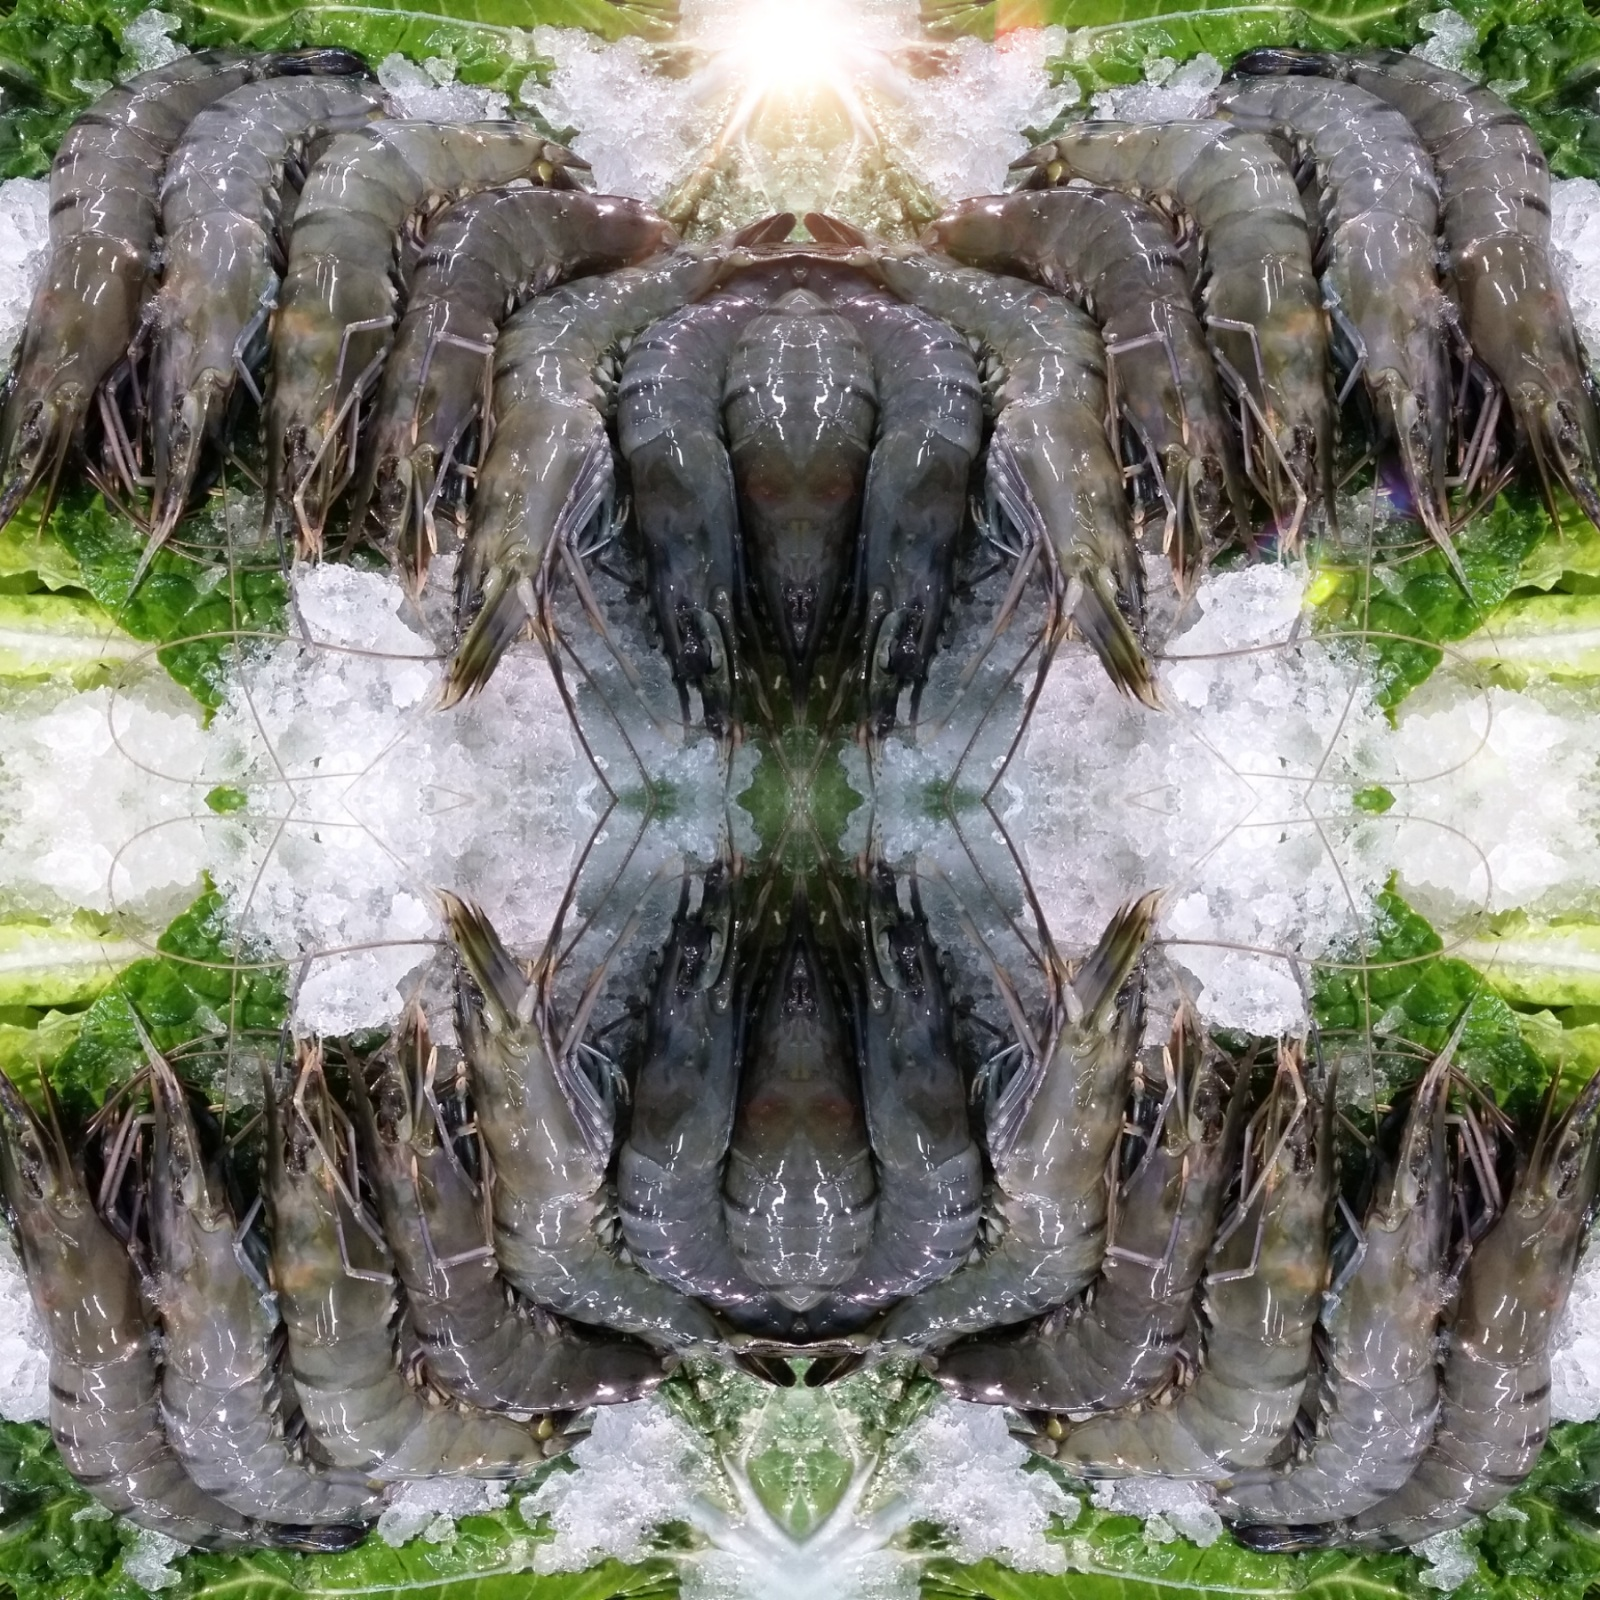 Tiger Prawn image